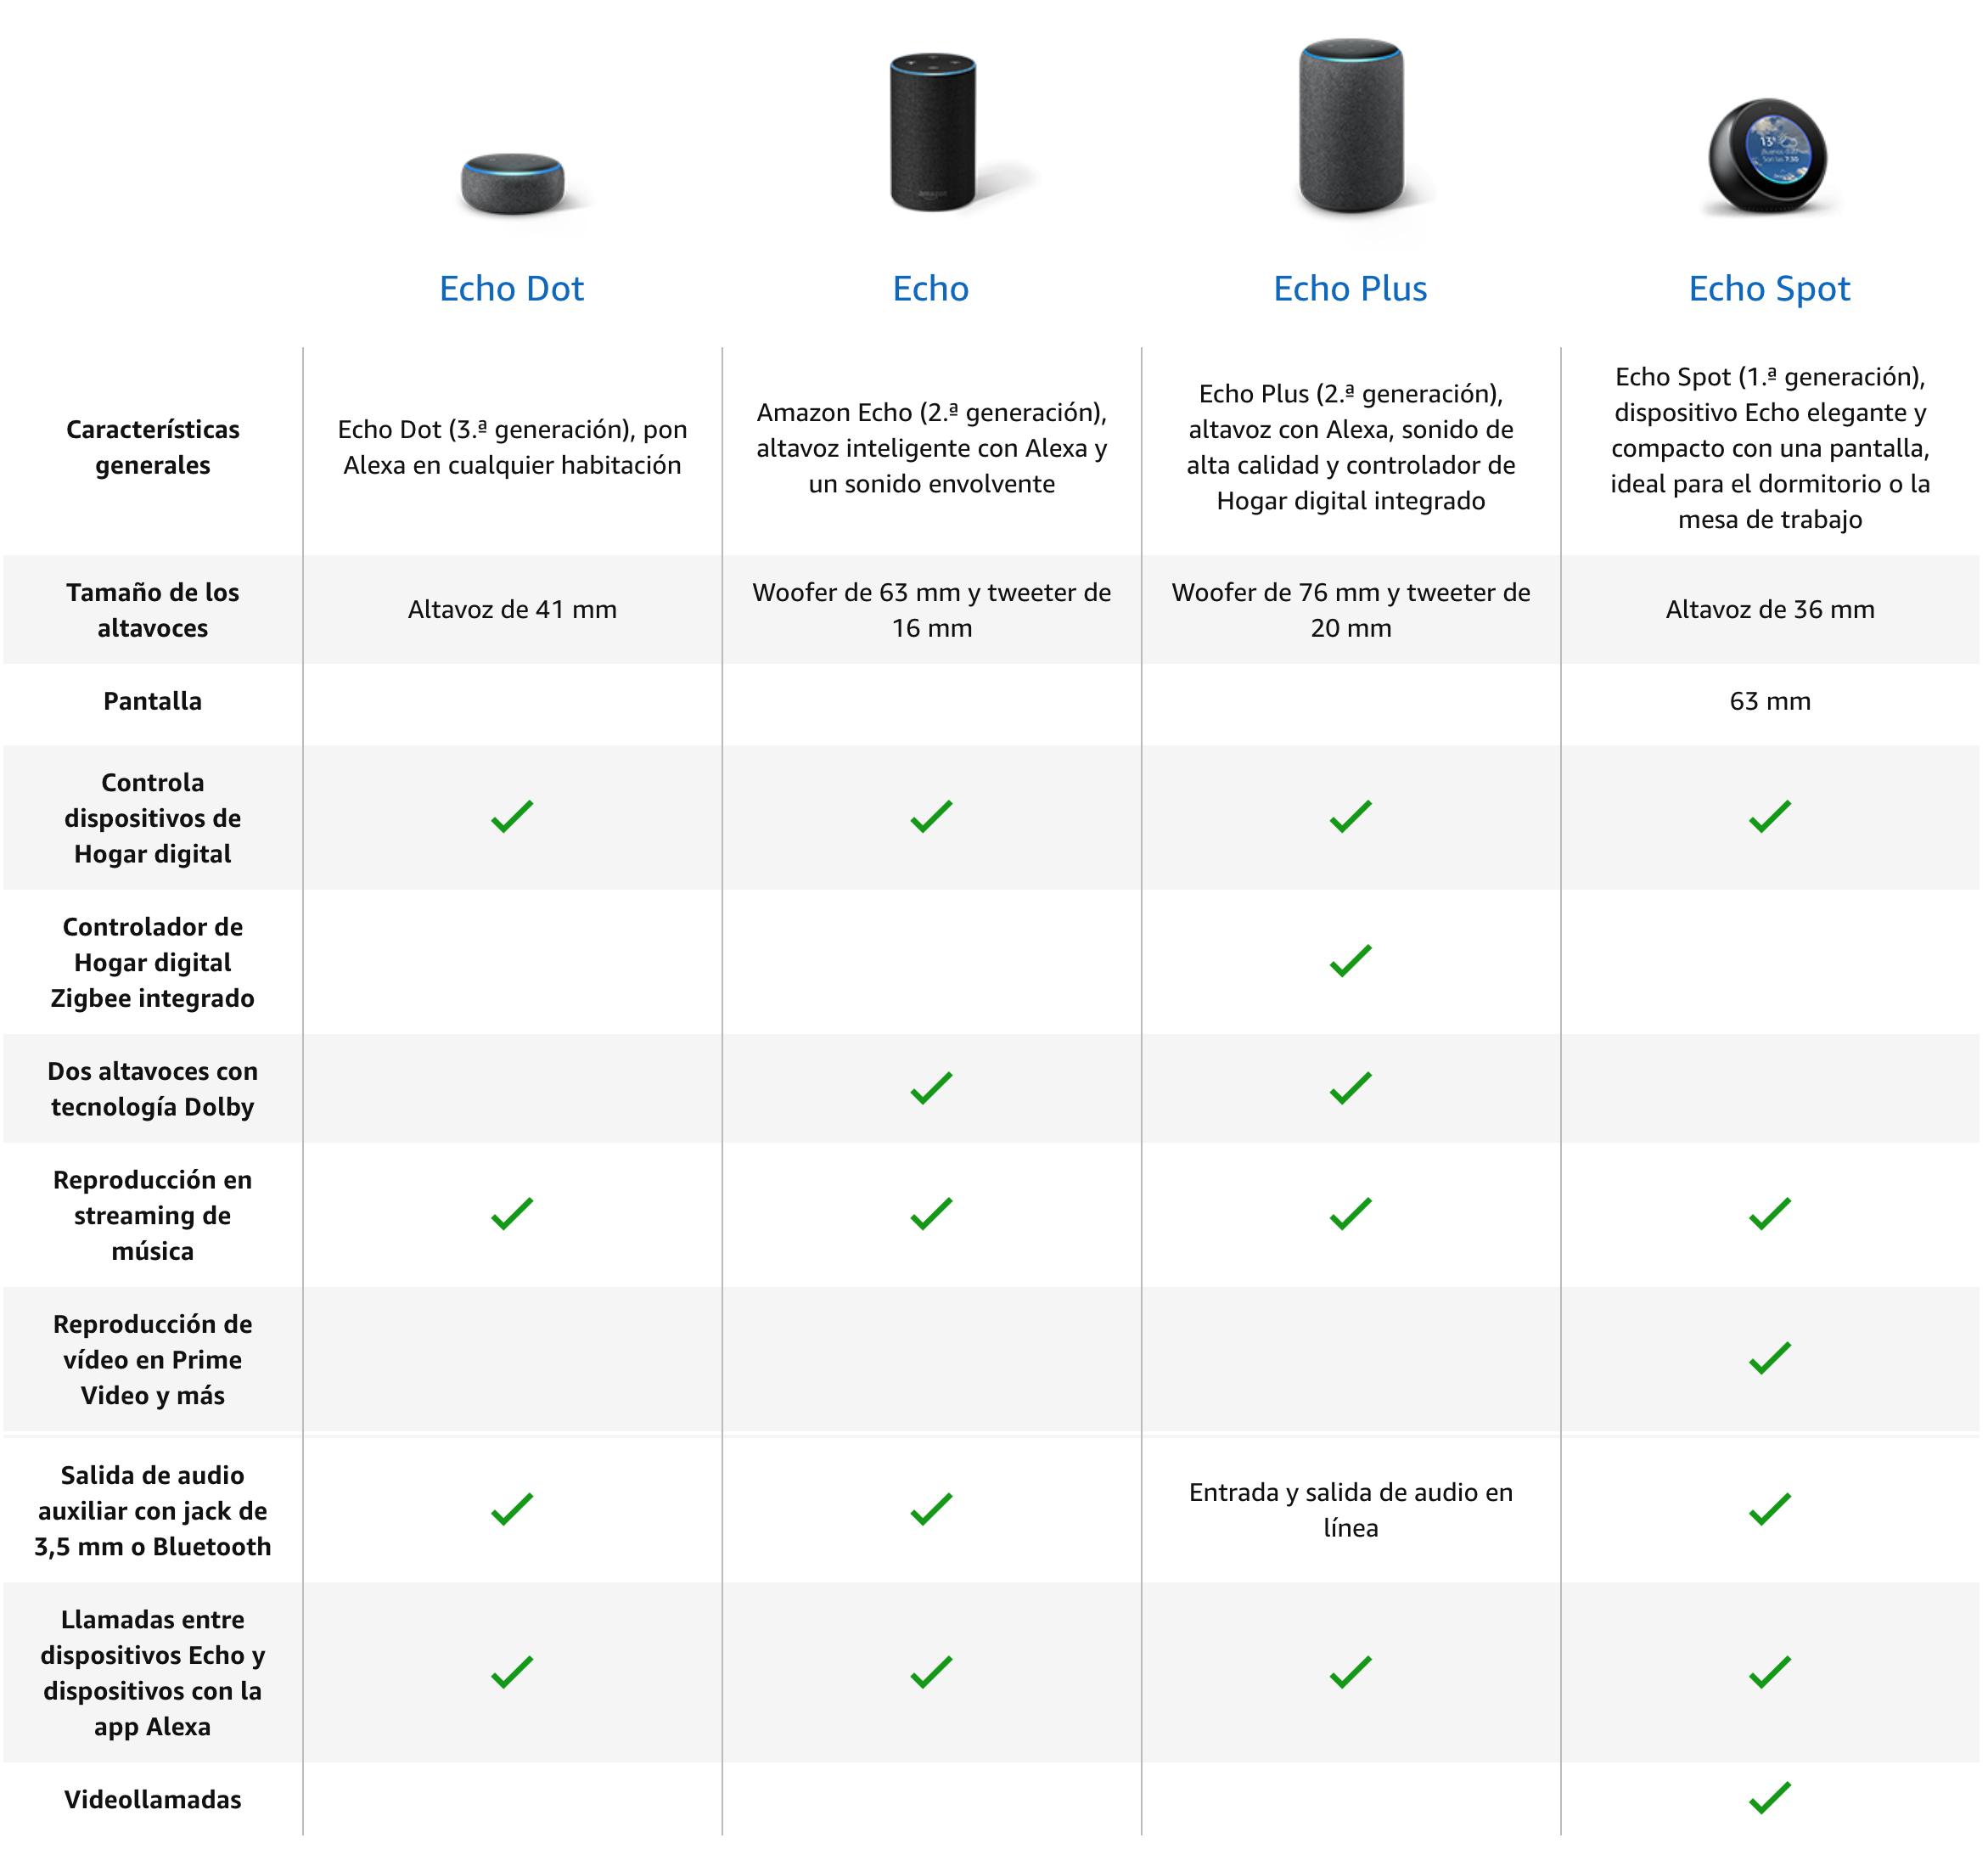 ¿Qué es Alexa? ¿Qué es el Echo de Amazon?